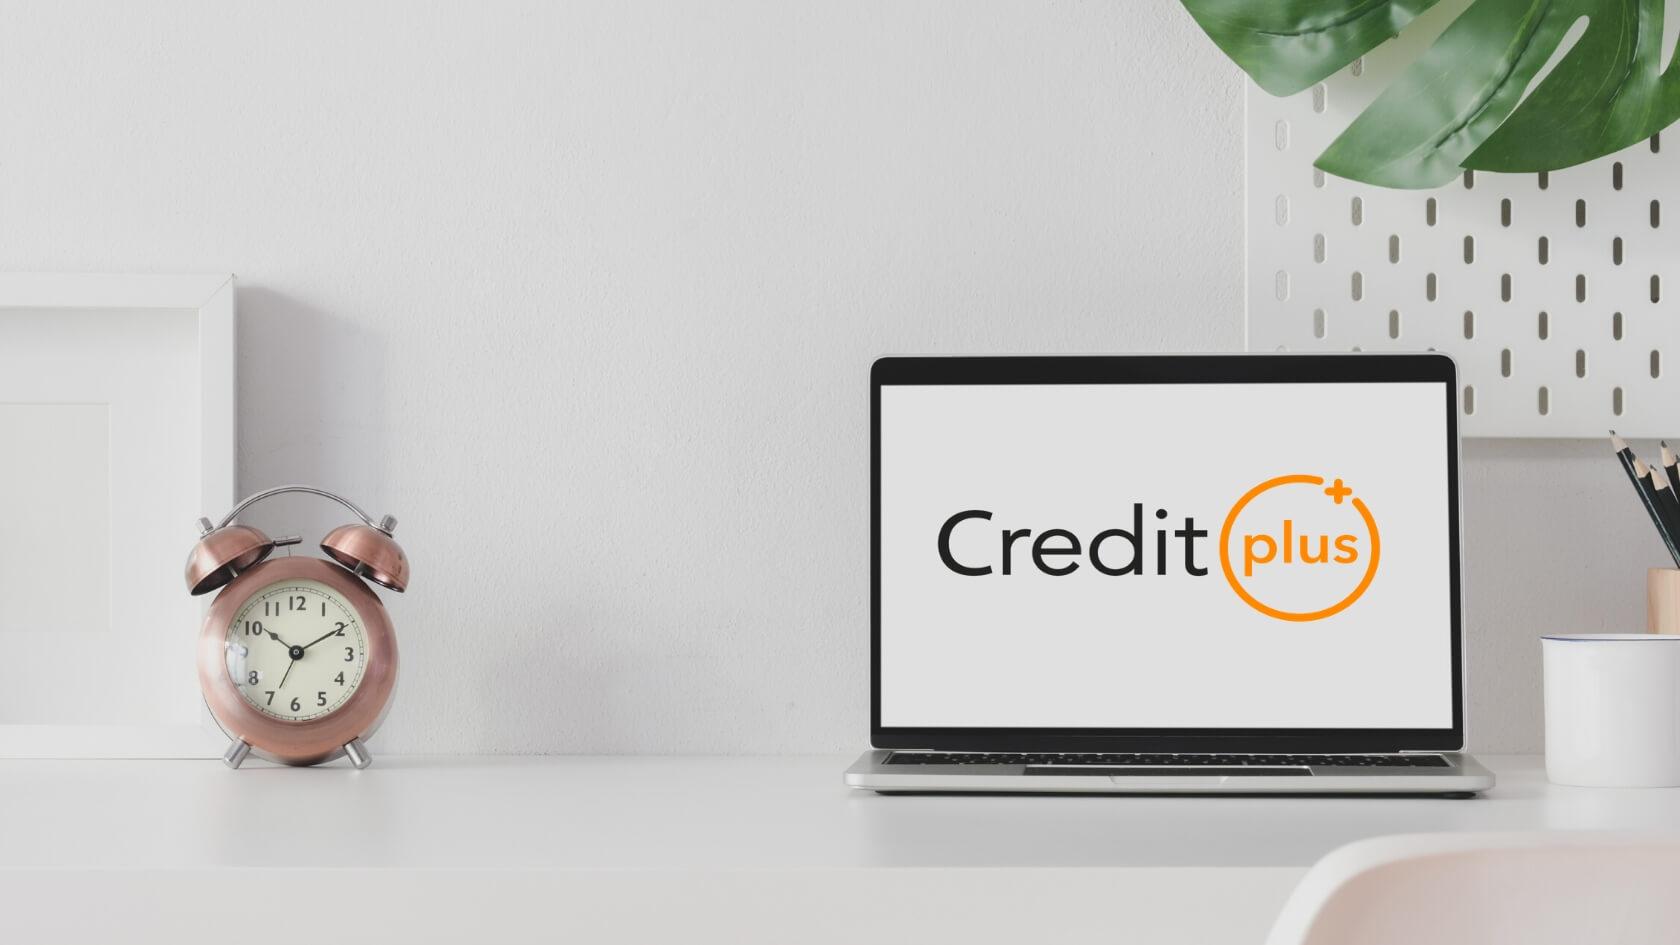 Умови кредитування Creditplus